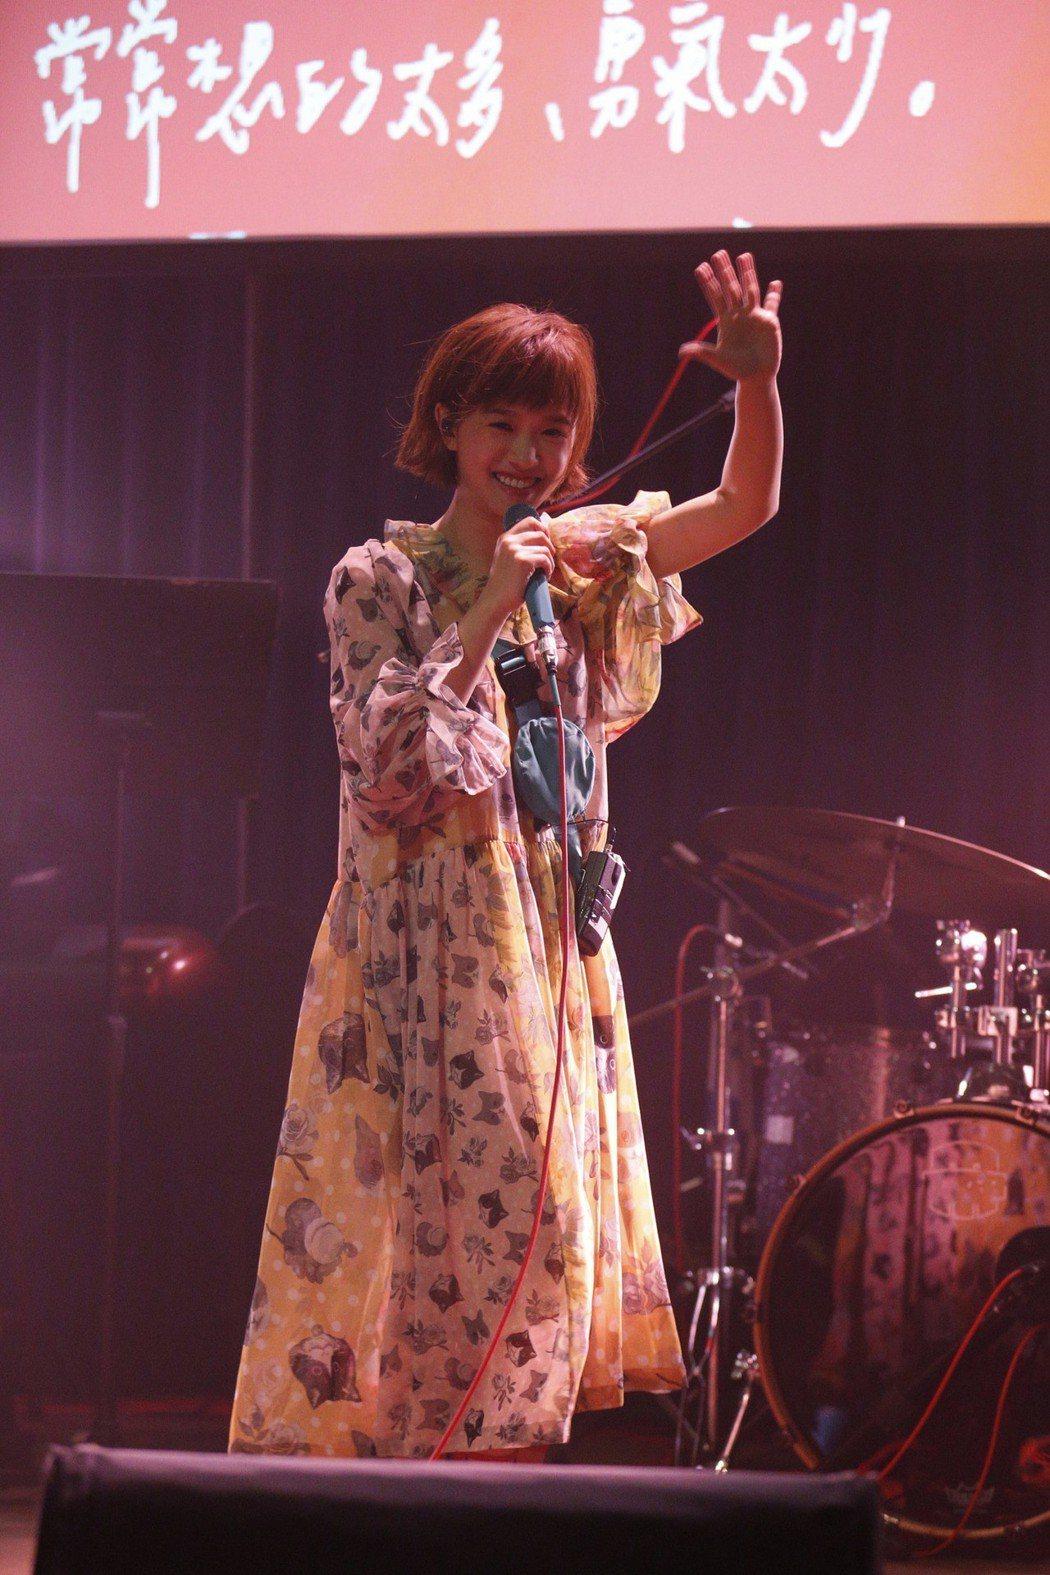 嚴正嵐14日舉辦小型演唱會。圖/海蝶提供